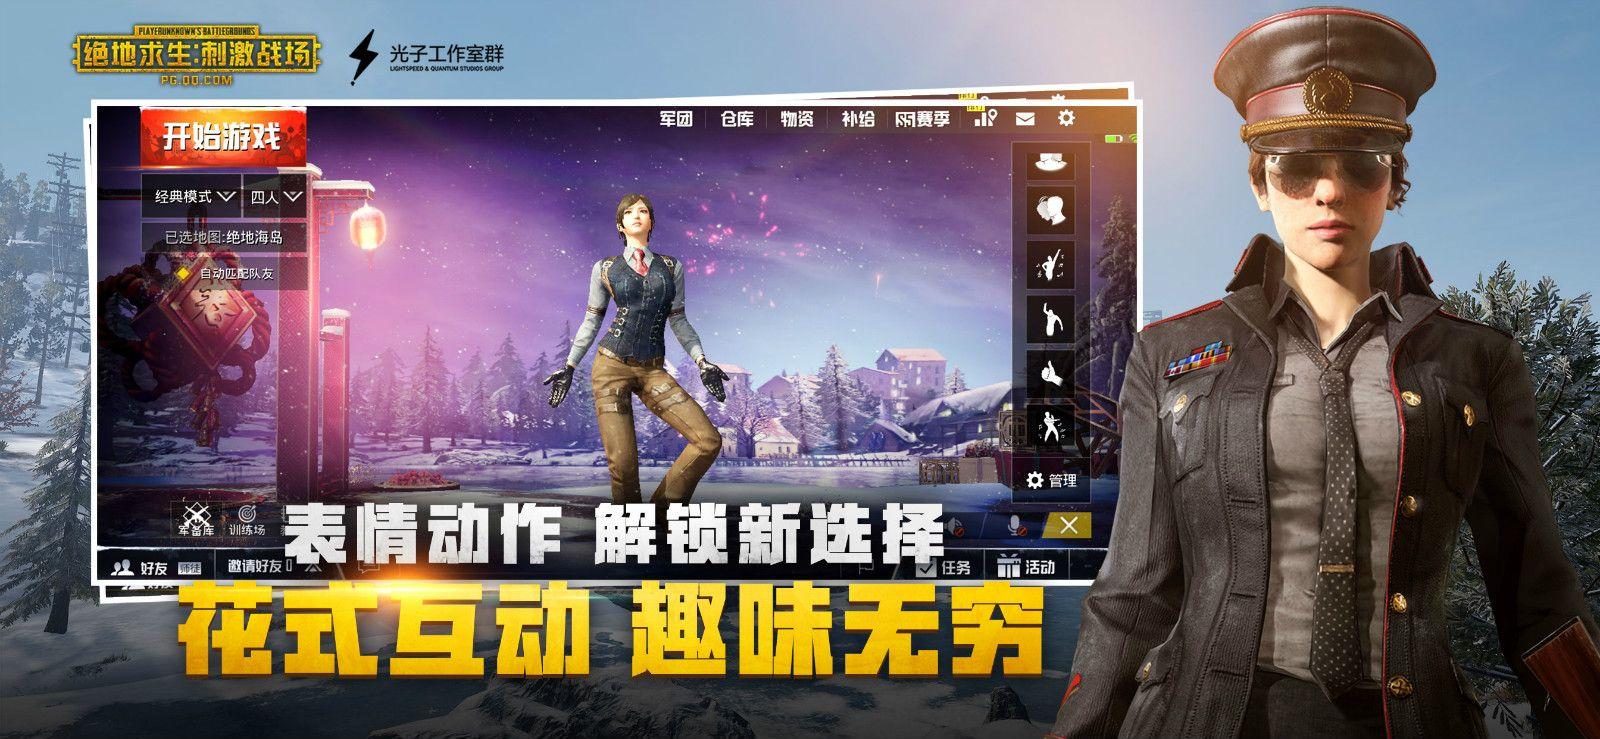 刺激战场亚服僵尸模式版本官方最新版下载图片2_嗨客手机站